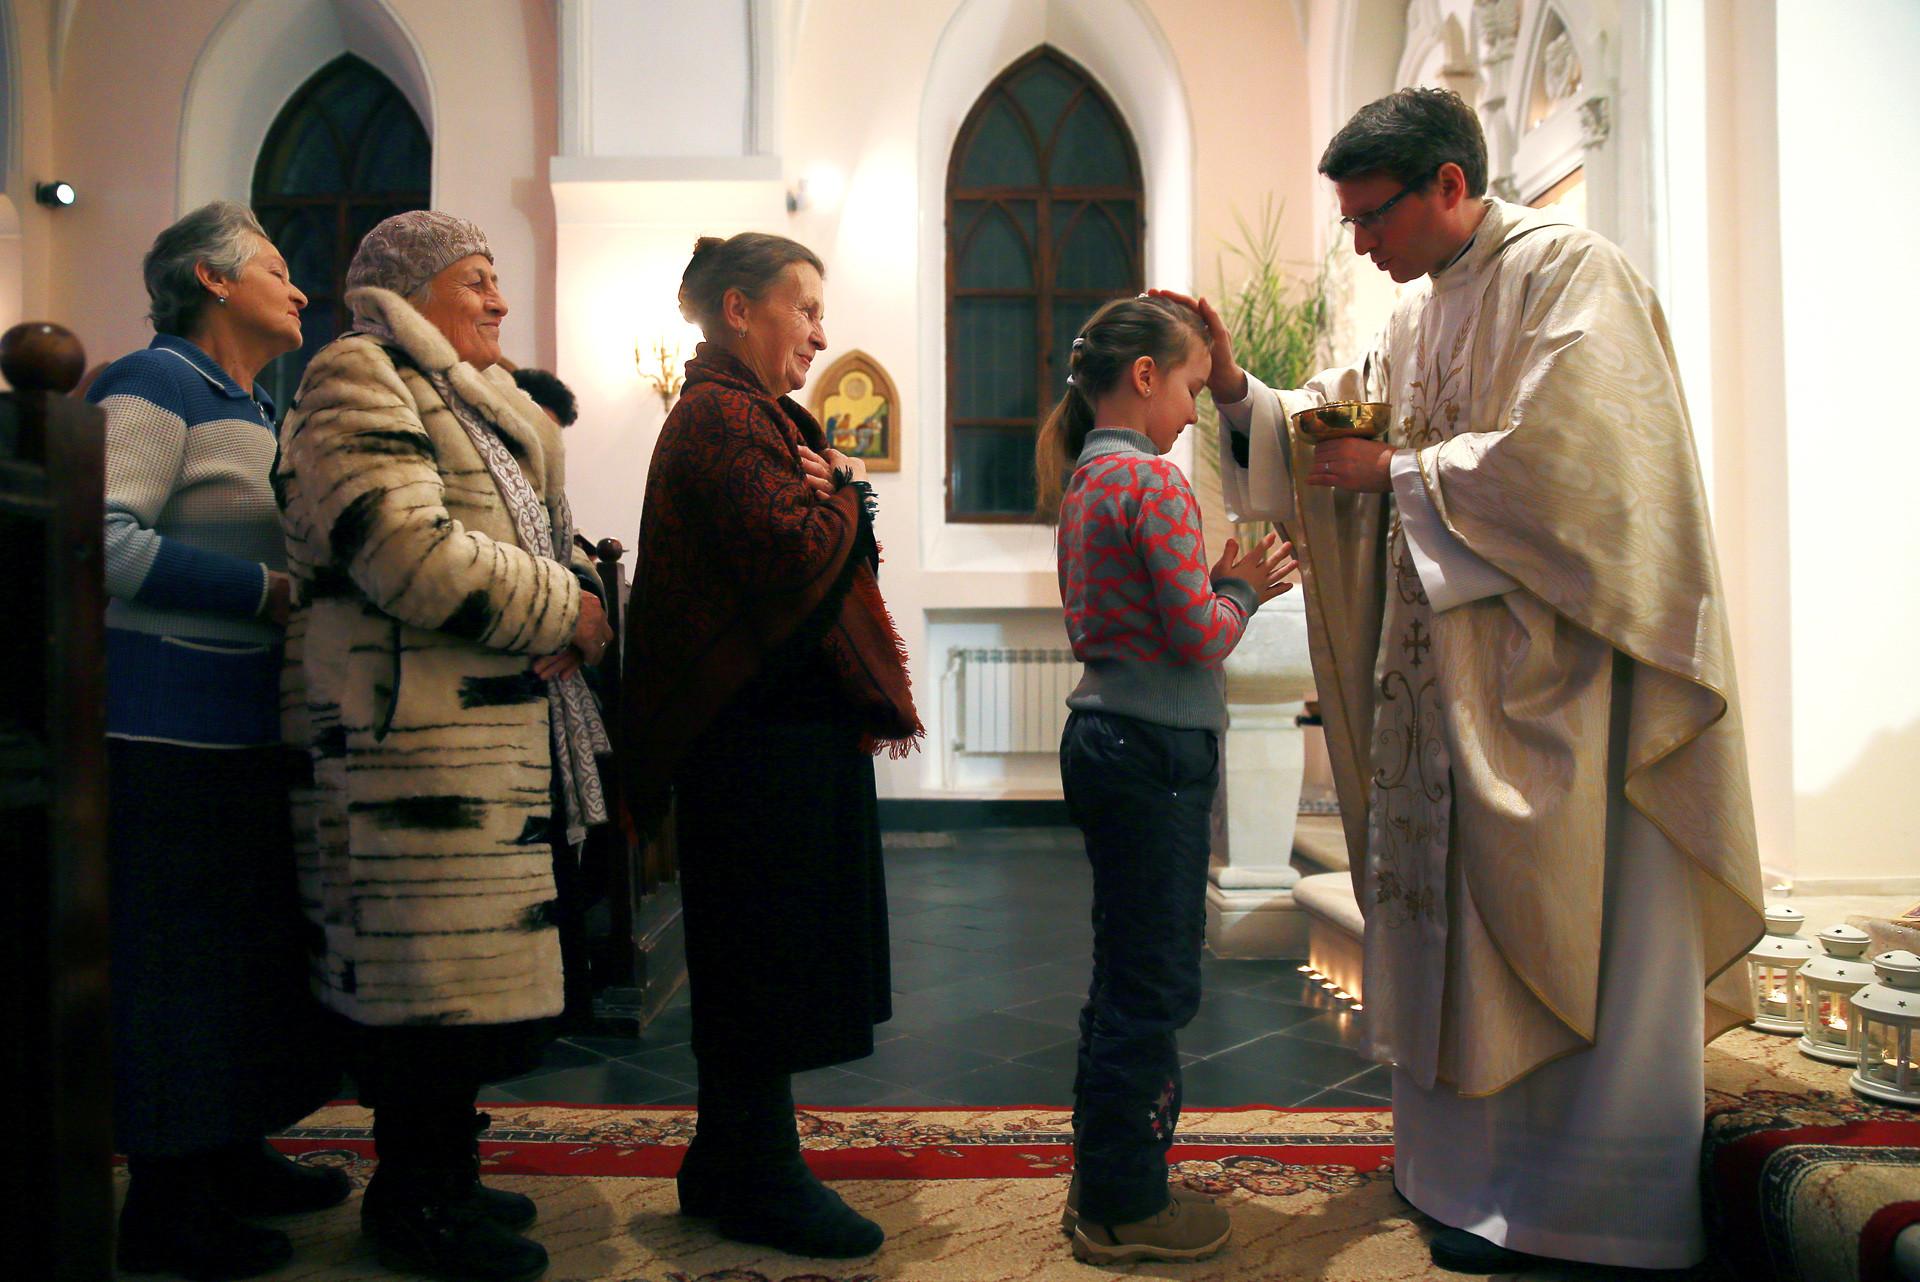 Un grupo de creyentes asiste a la tradicional misa de víspera de Navidad en la Iglesia de Nuestra Señora del Rosario en Vladímir.